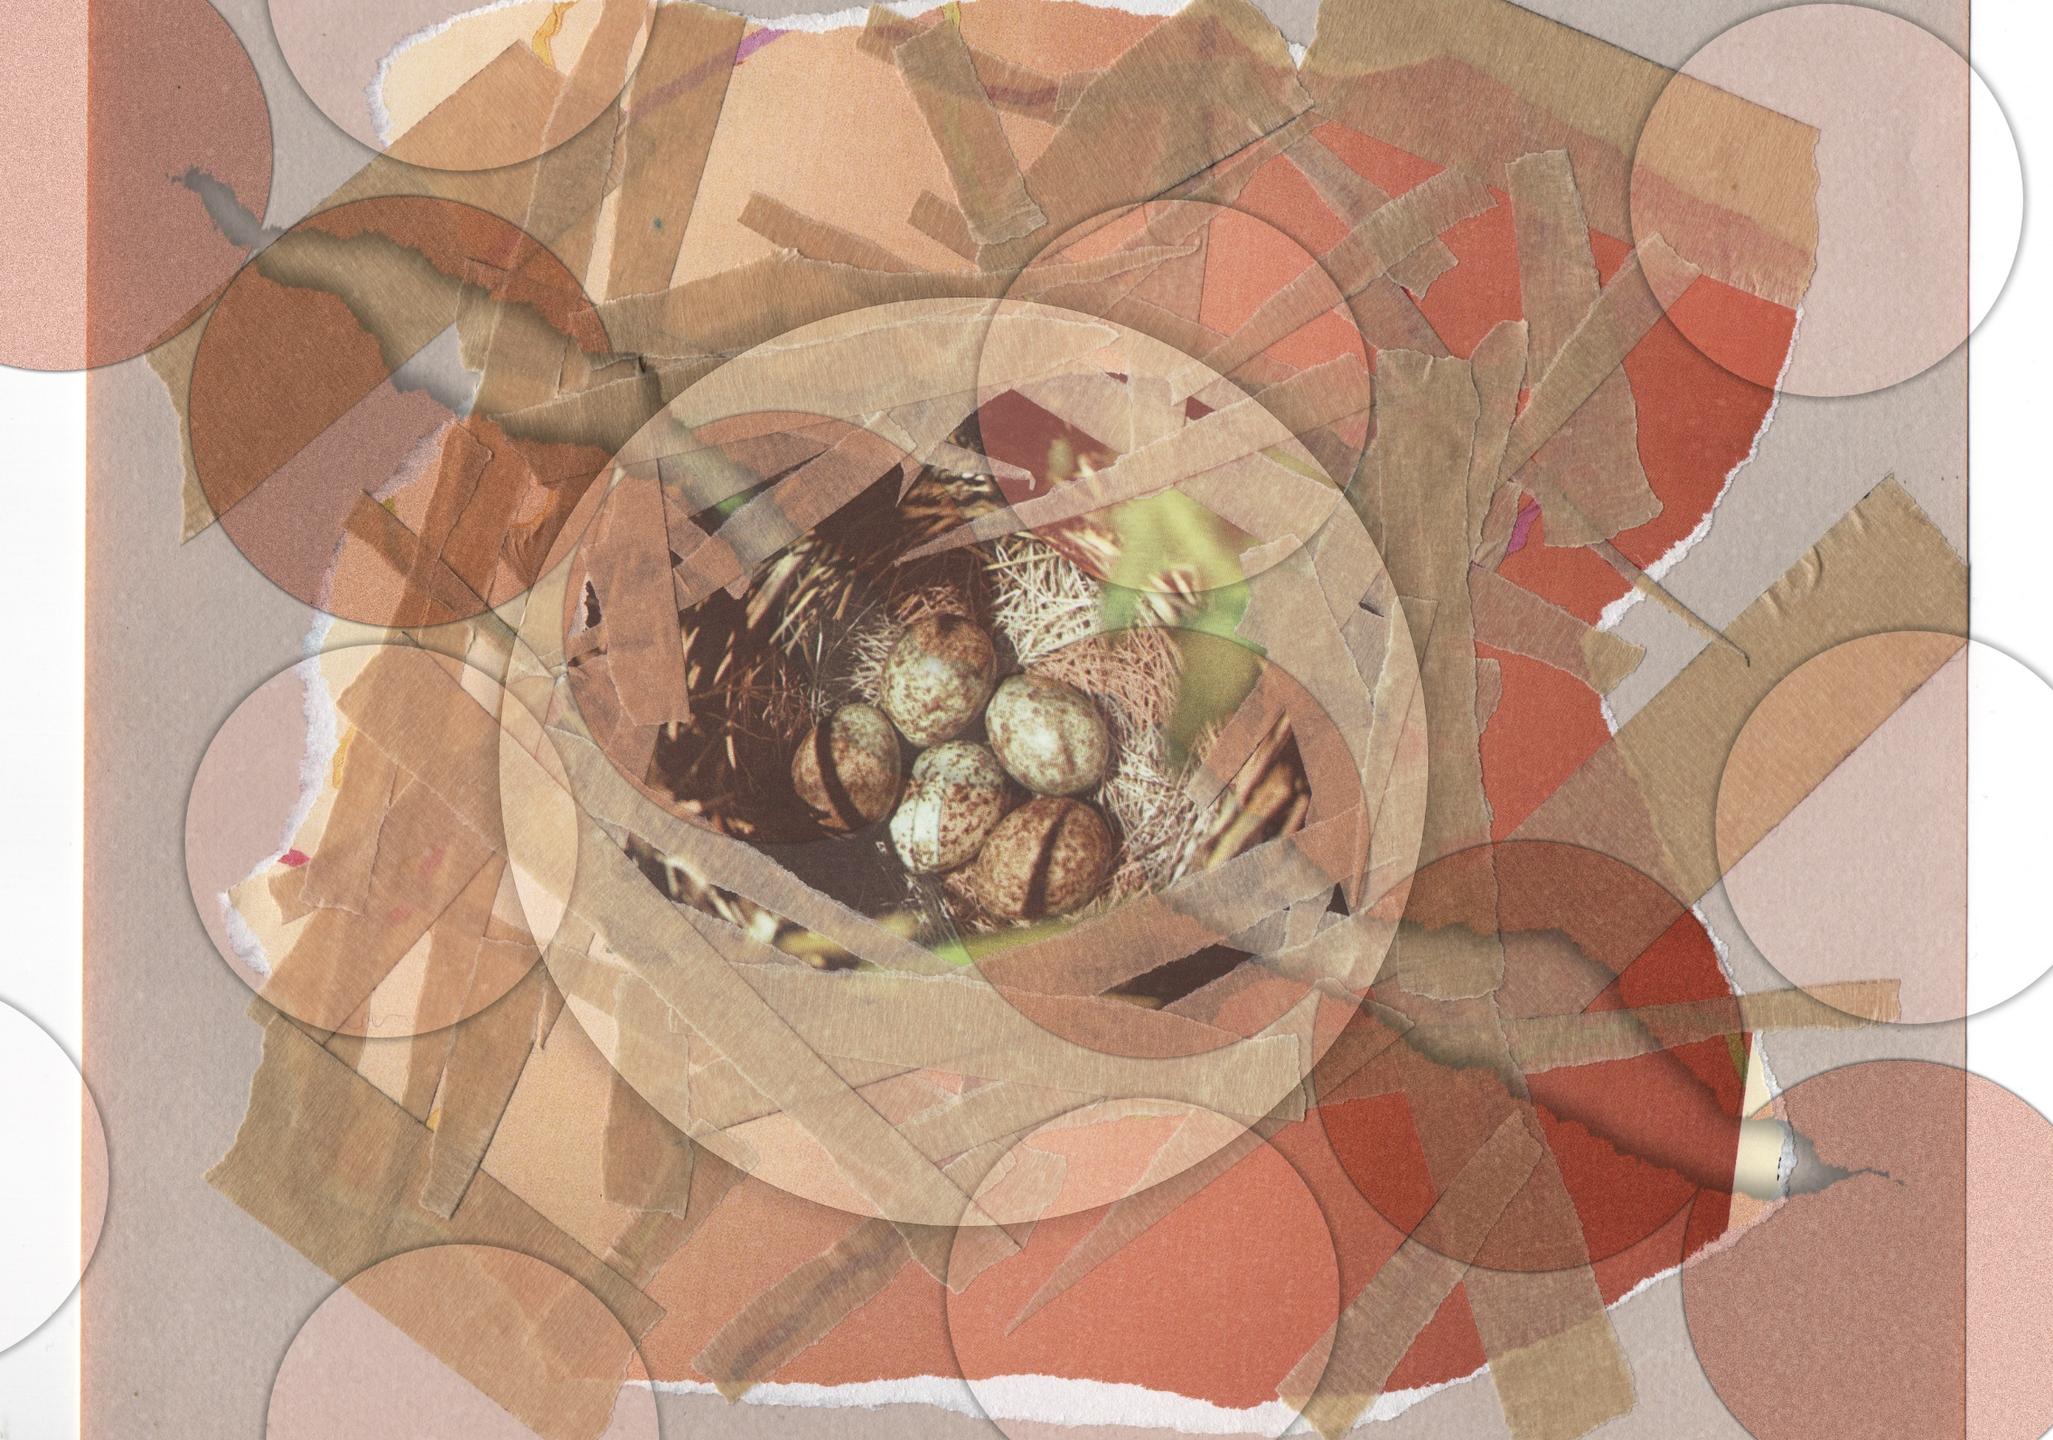 Vague Stitch Collage  (@vaguestitchcollage) Cover Image